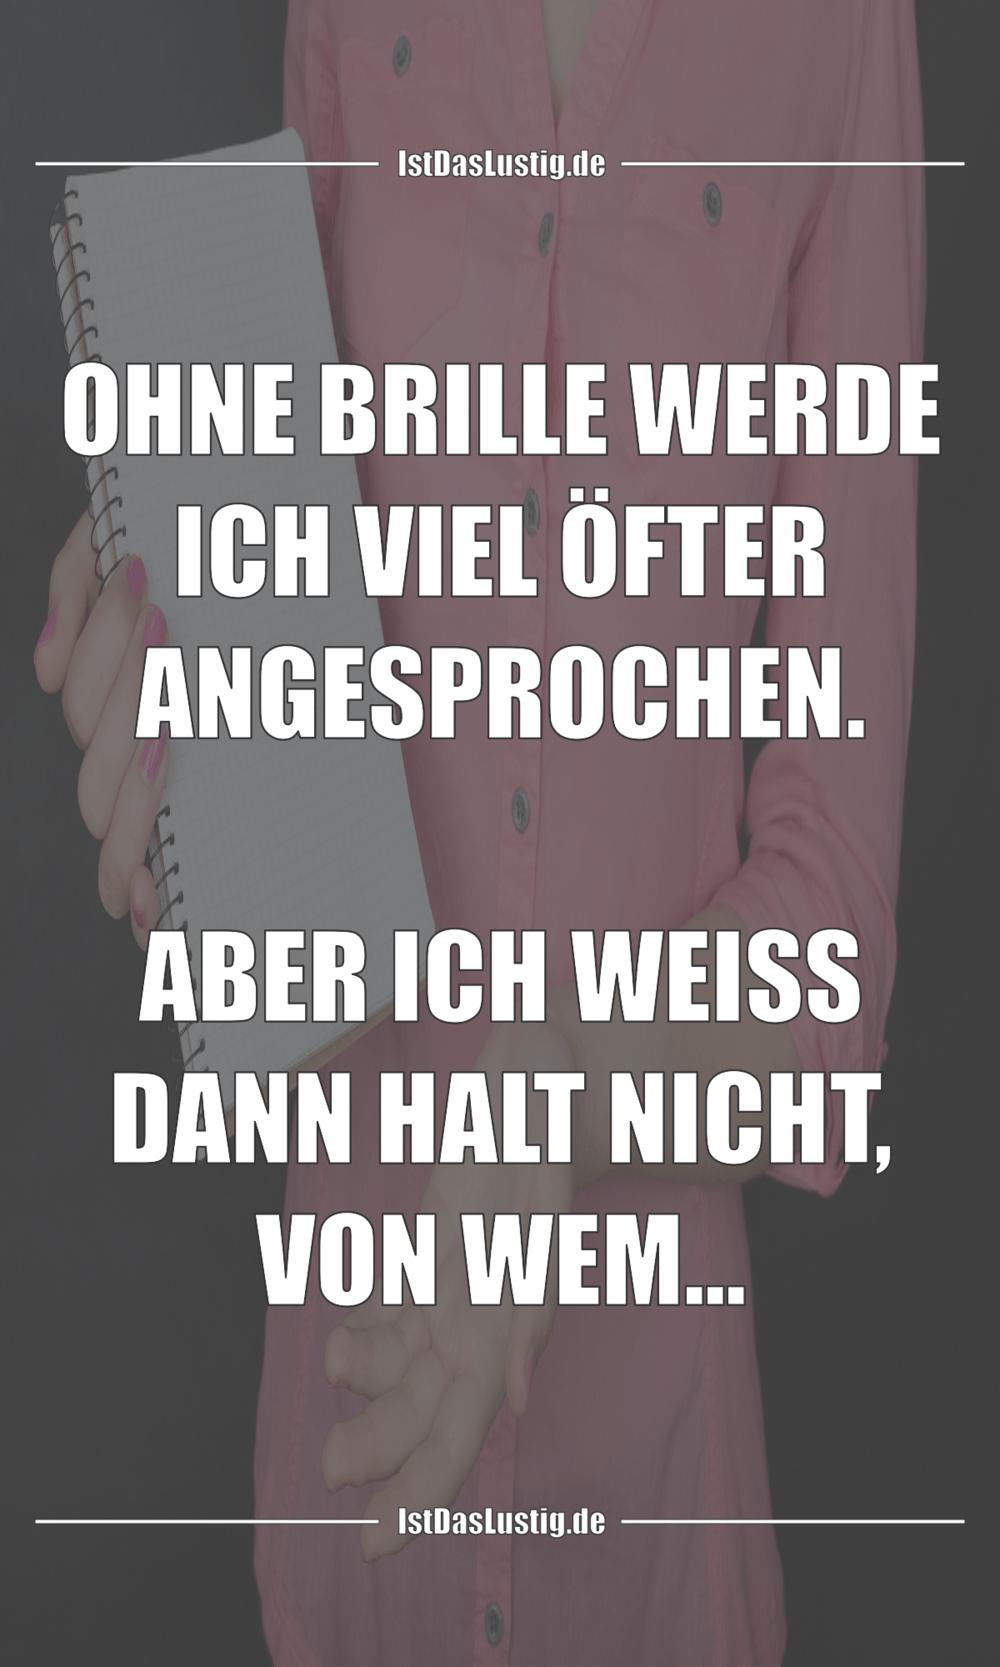 Lustiger BilderSpruch - OHNE BRILLE WERDE ICH VIEL ÖFTER ANGESPROCHEN....